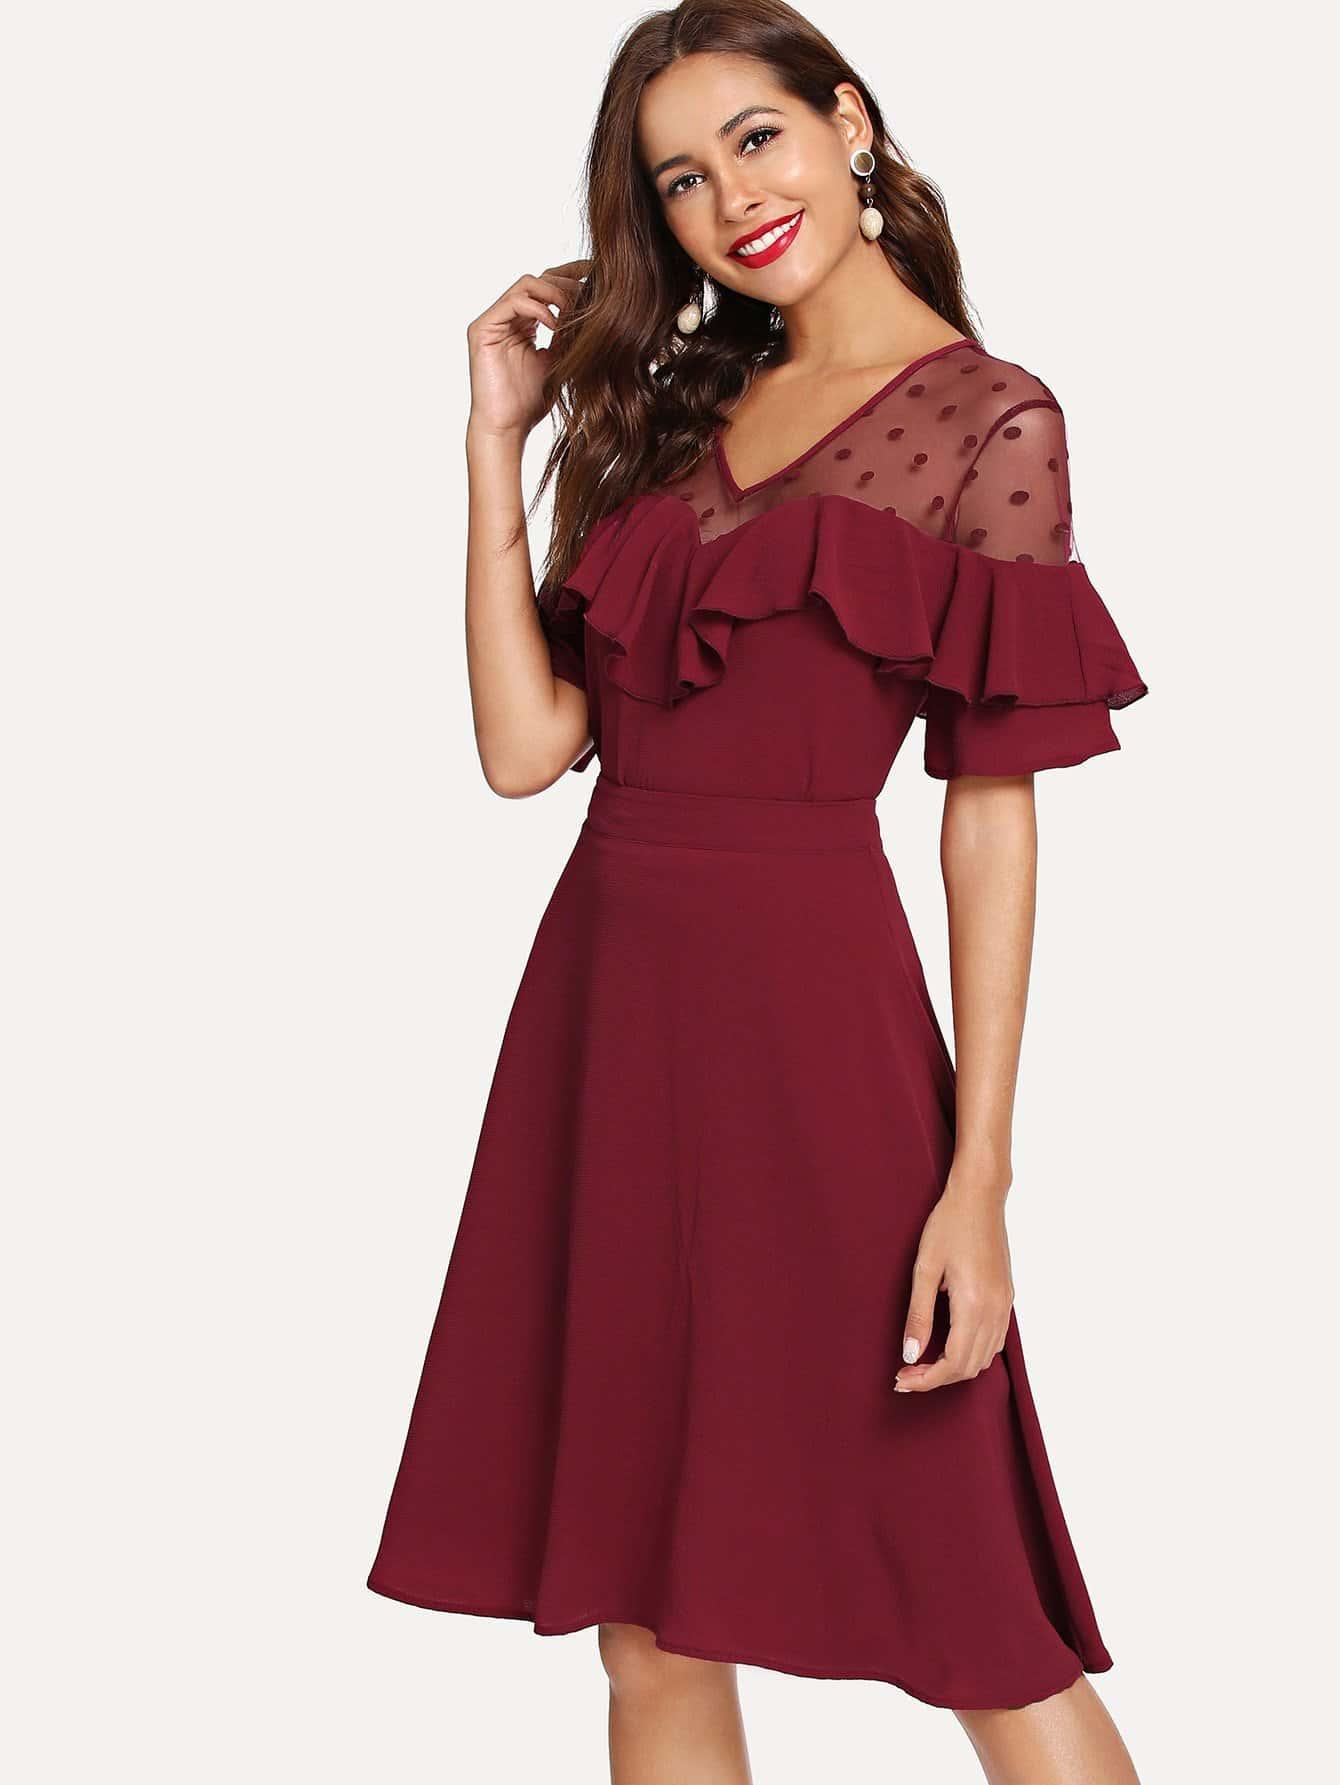 Блузка и с рисунками сетчатых точк и плечо с розеткой и юбка, Giulia, SheIn  - купить со скидкой